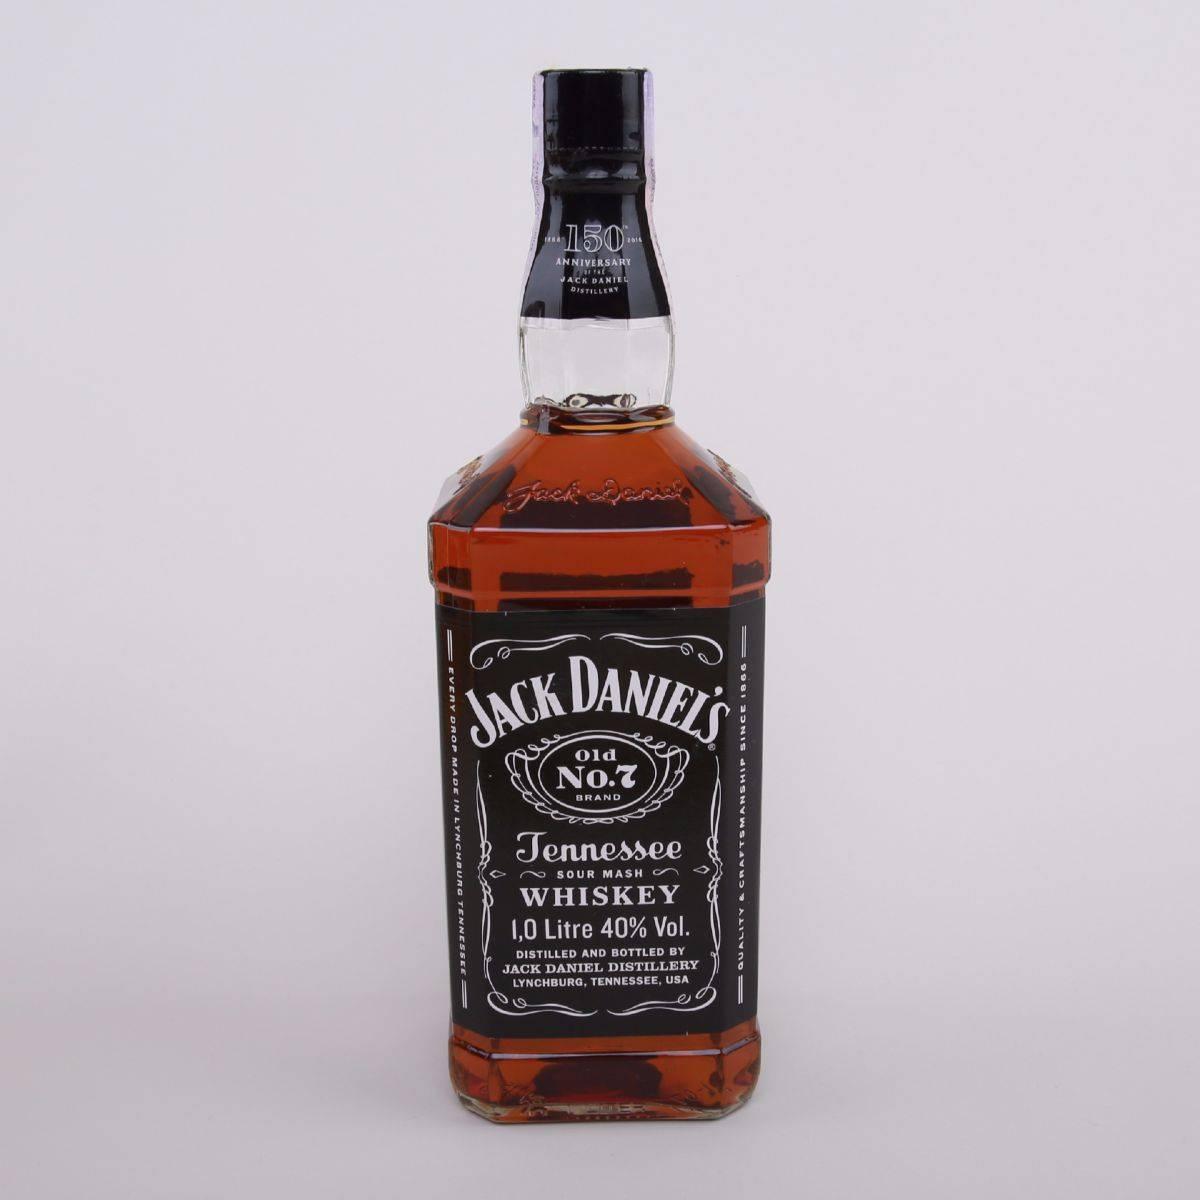 Джек дэниэлс (jack daniel's): особенности вкуса, обзор линейки бренда, советы по дегустации   inshaker   яндекс дзен